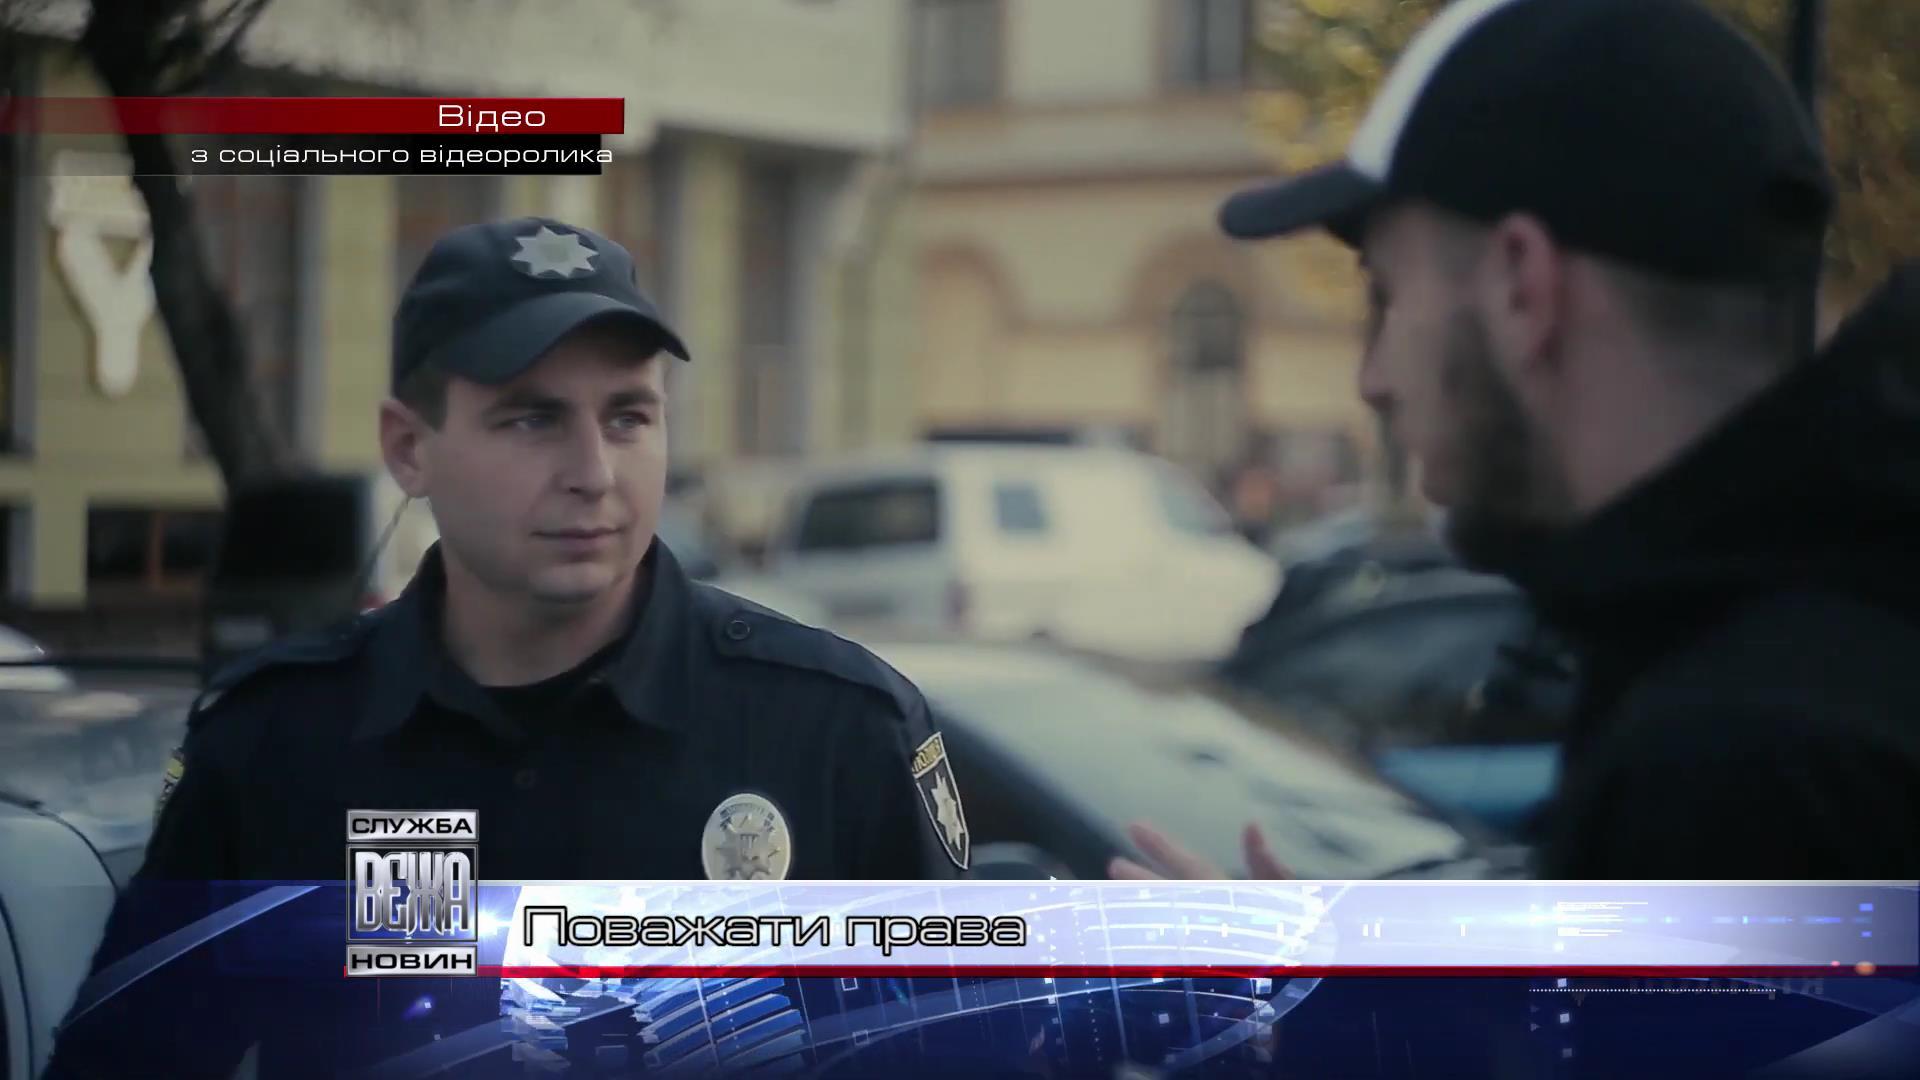 В Івано-Франківську презентували соціальний відеоролик «Не займайте чужі паркувальні місця»[18-50-53]